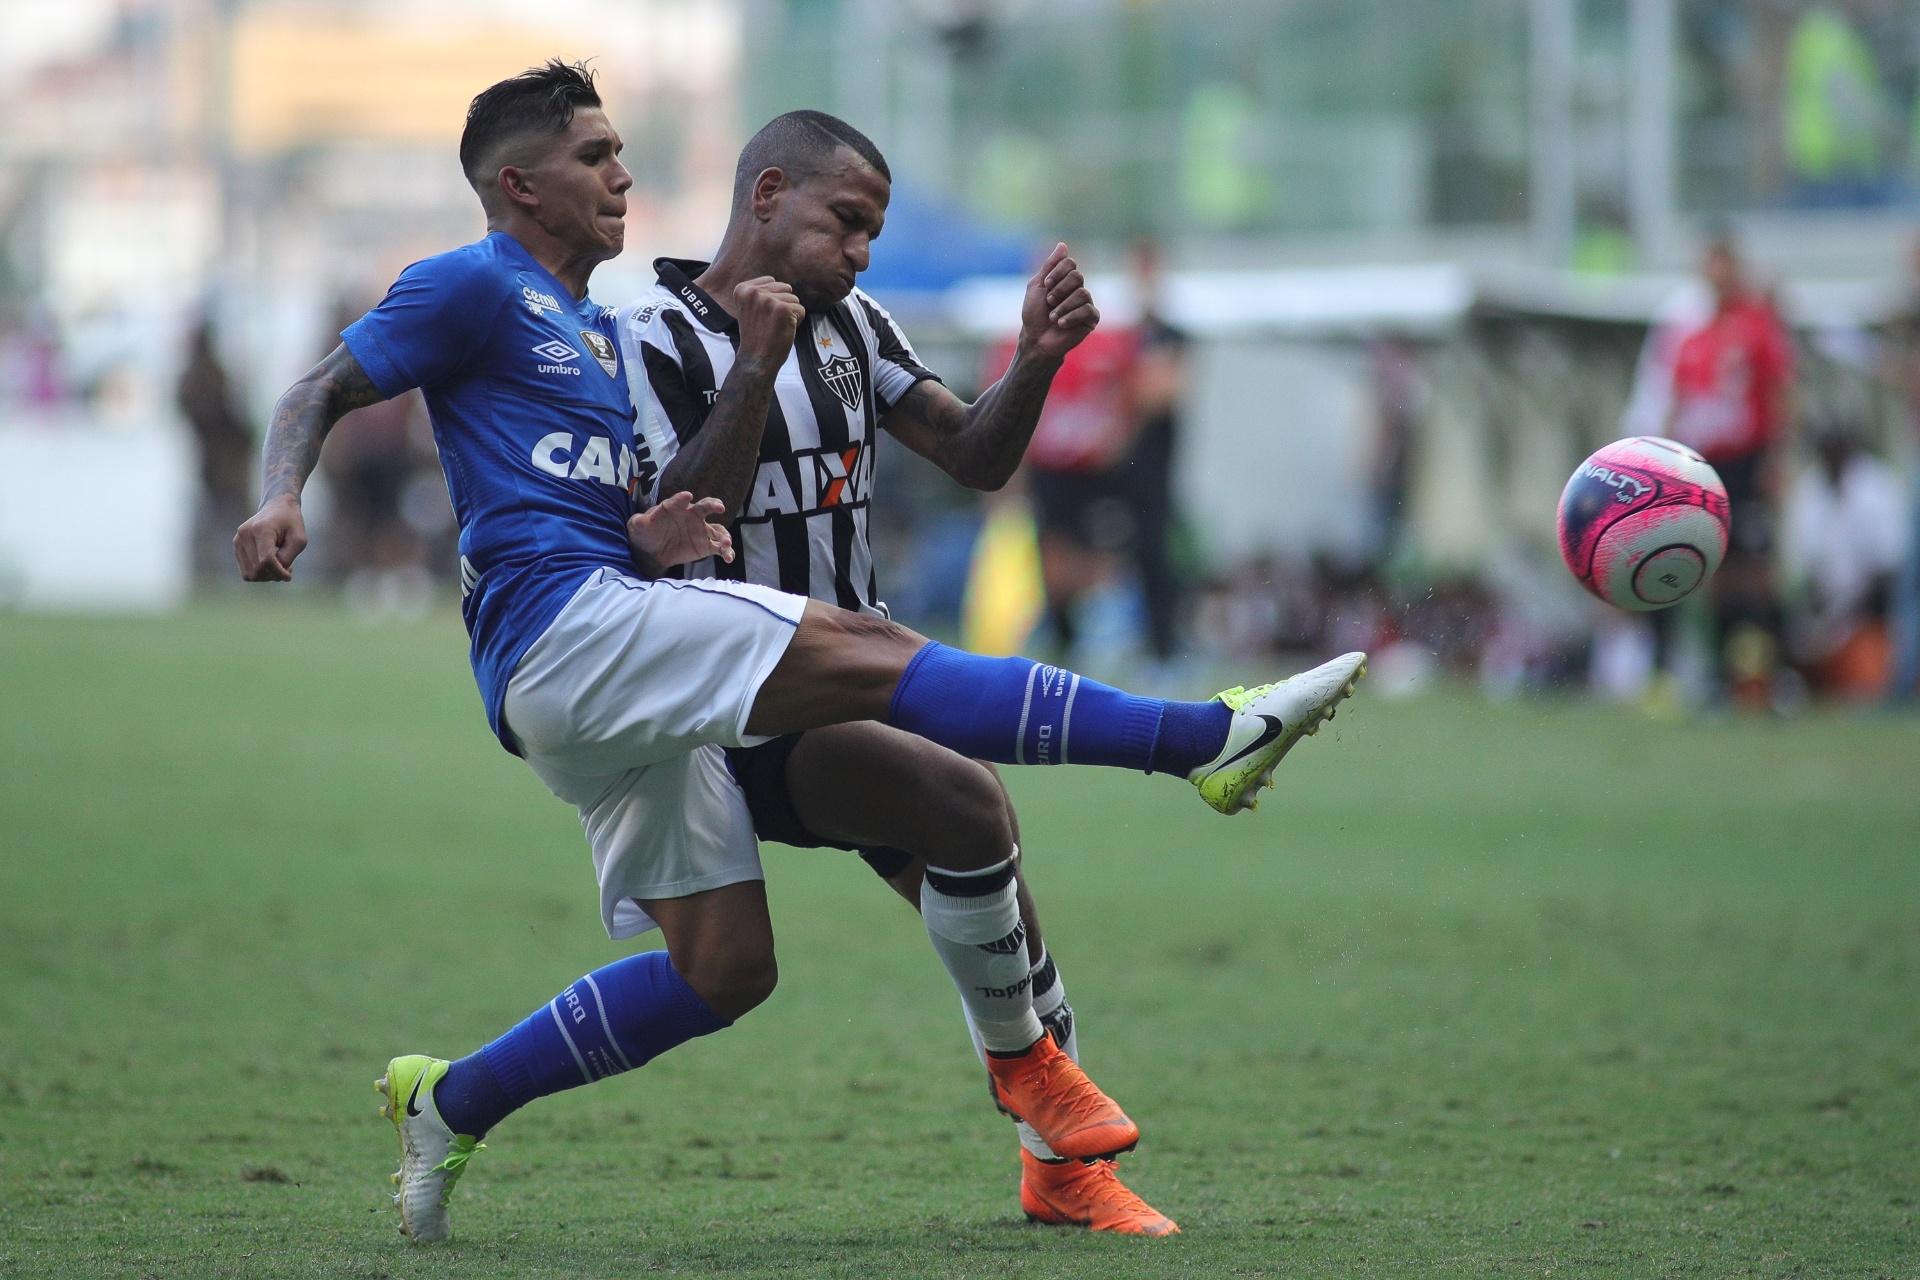 2af7c6901c As reações de Otero após derrota do Atlético-MG - 09 04 2018 - UOL Esporte